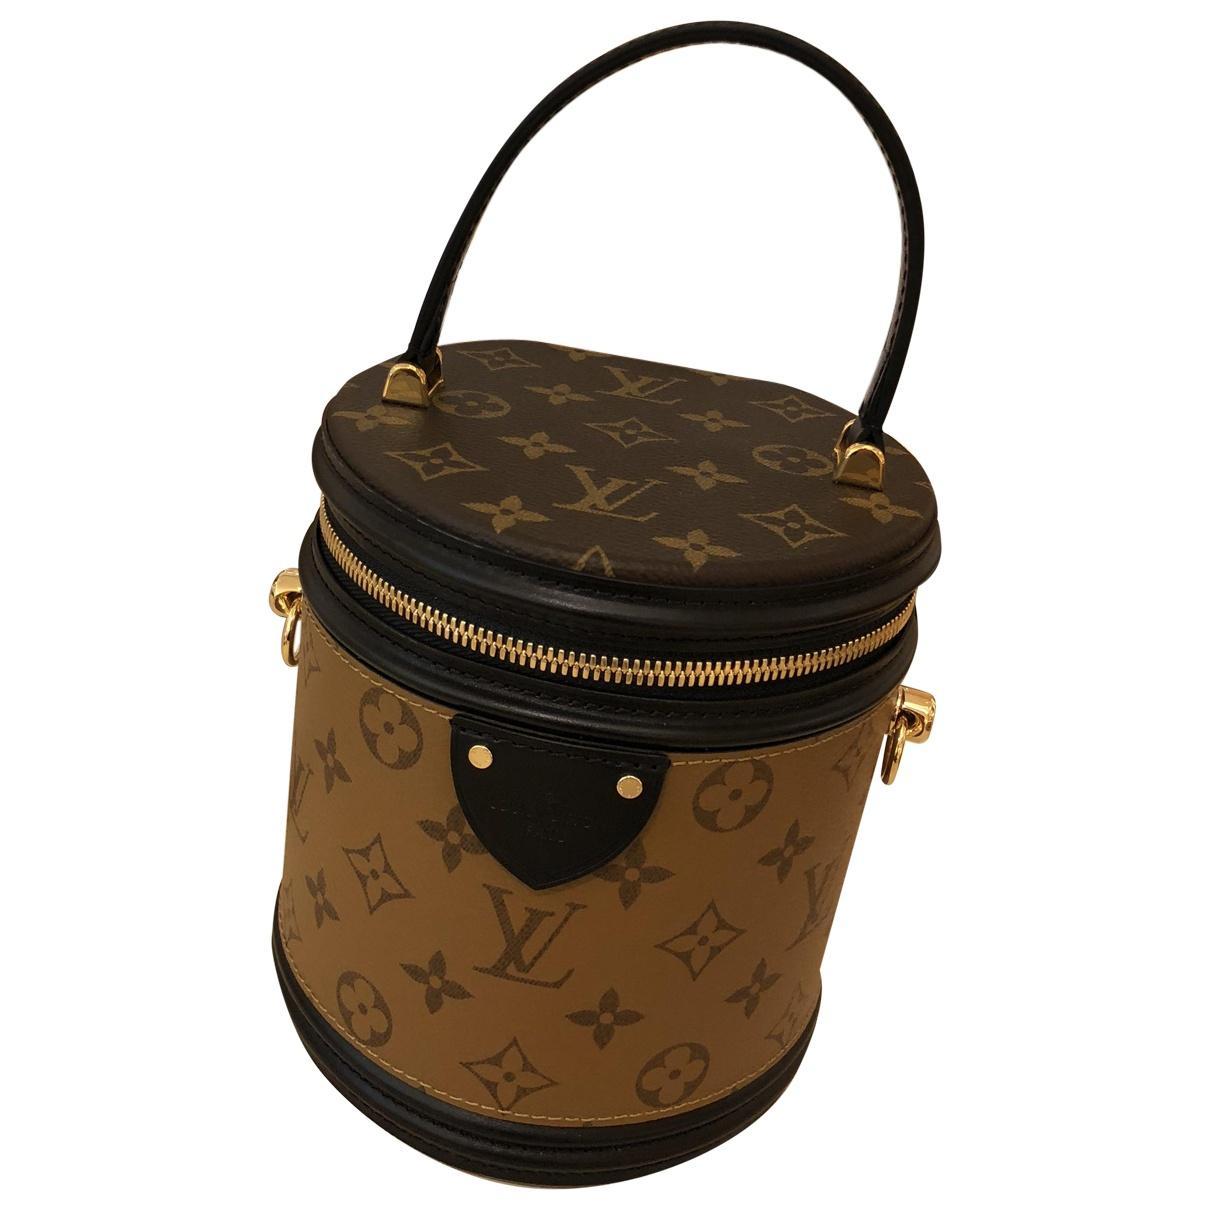 28bd6a37db Louis Vuitton Cannes Brown Cloth Handbag in Brown - Lyst